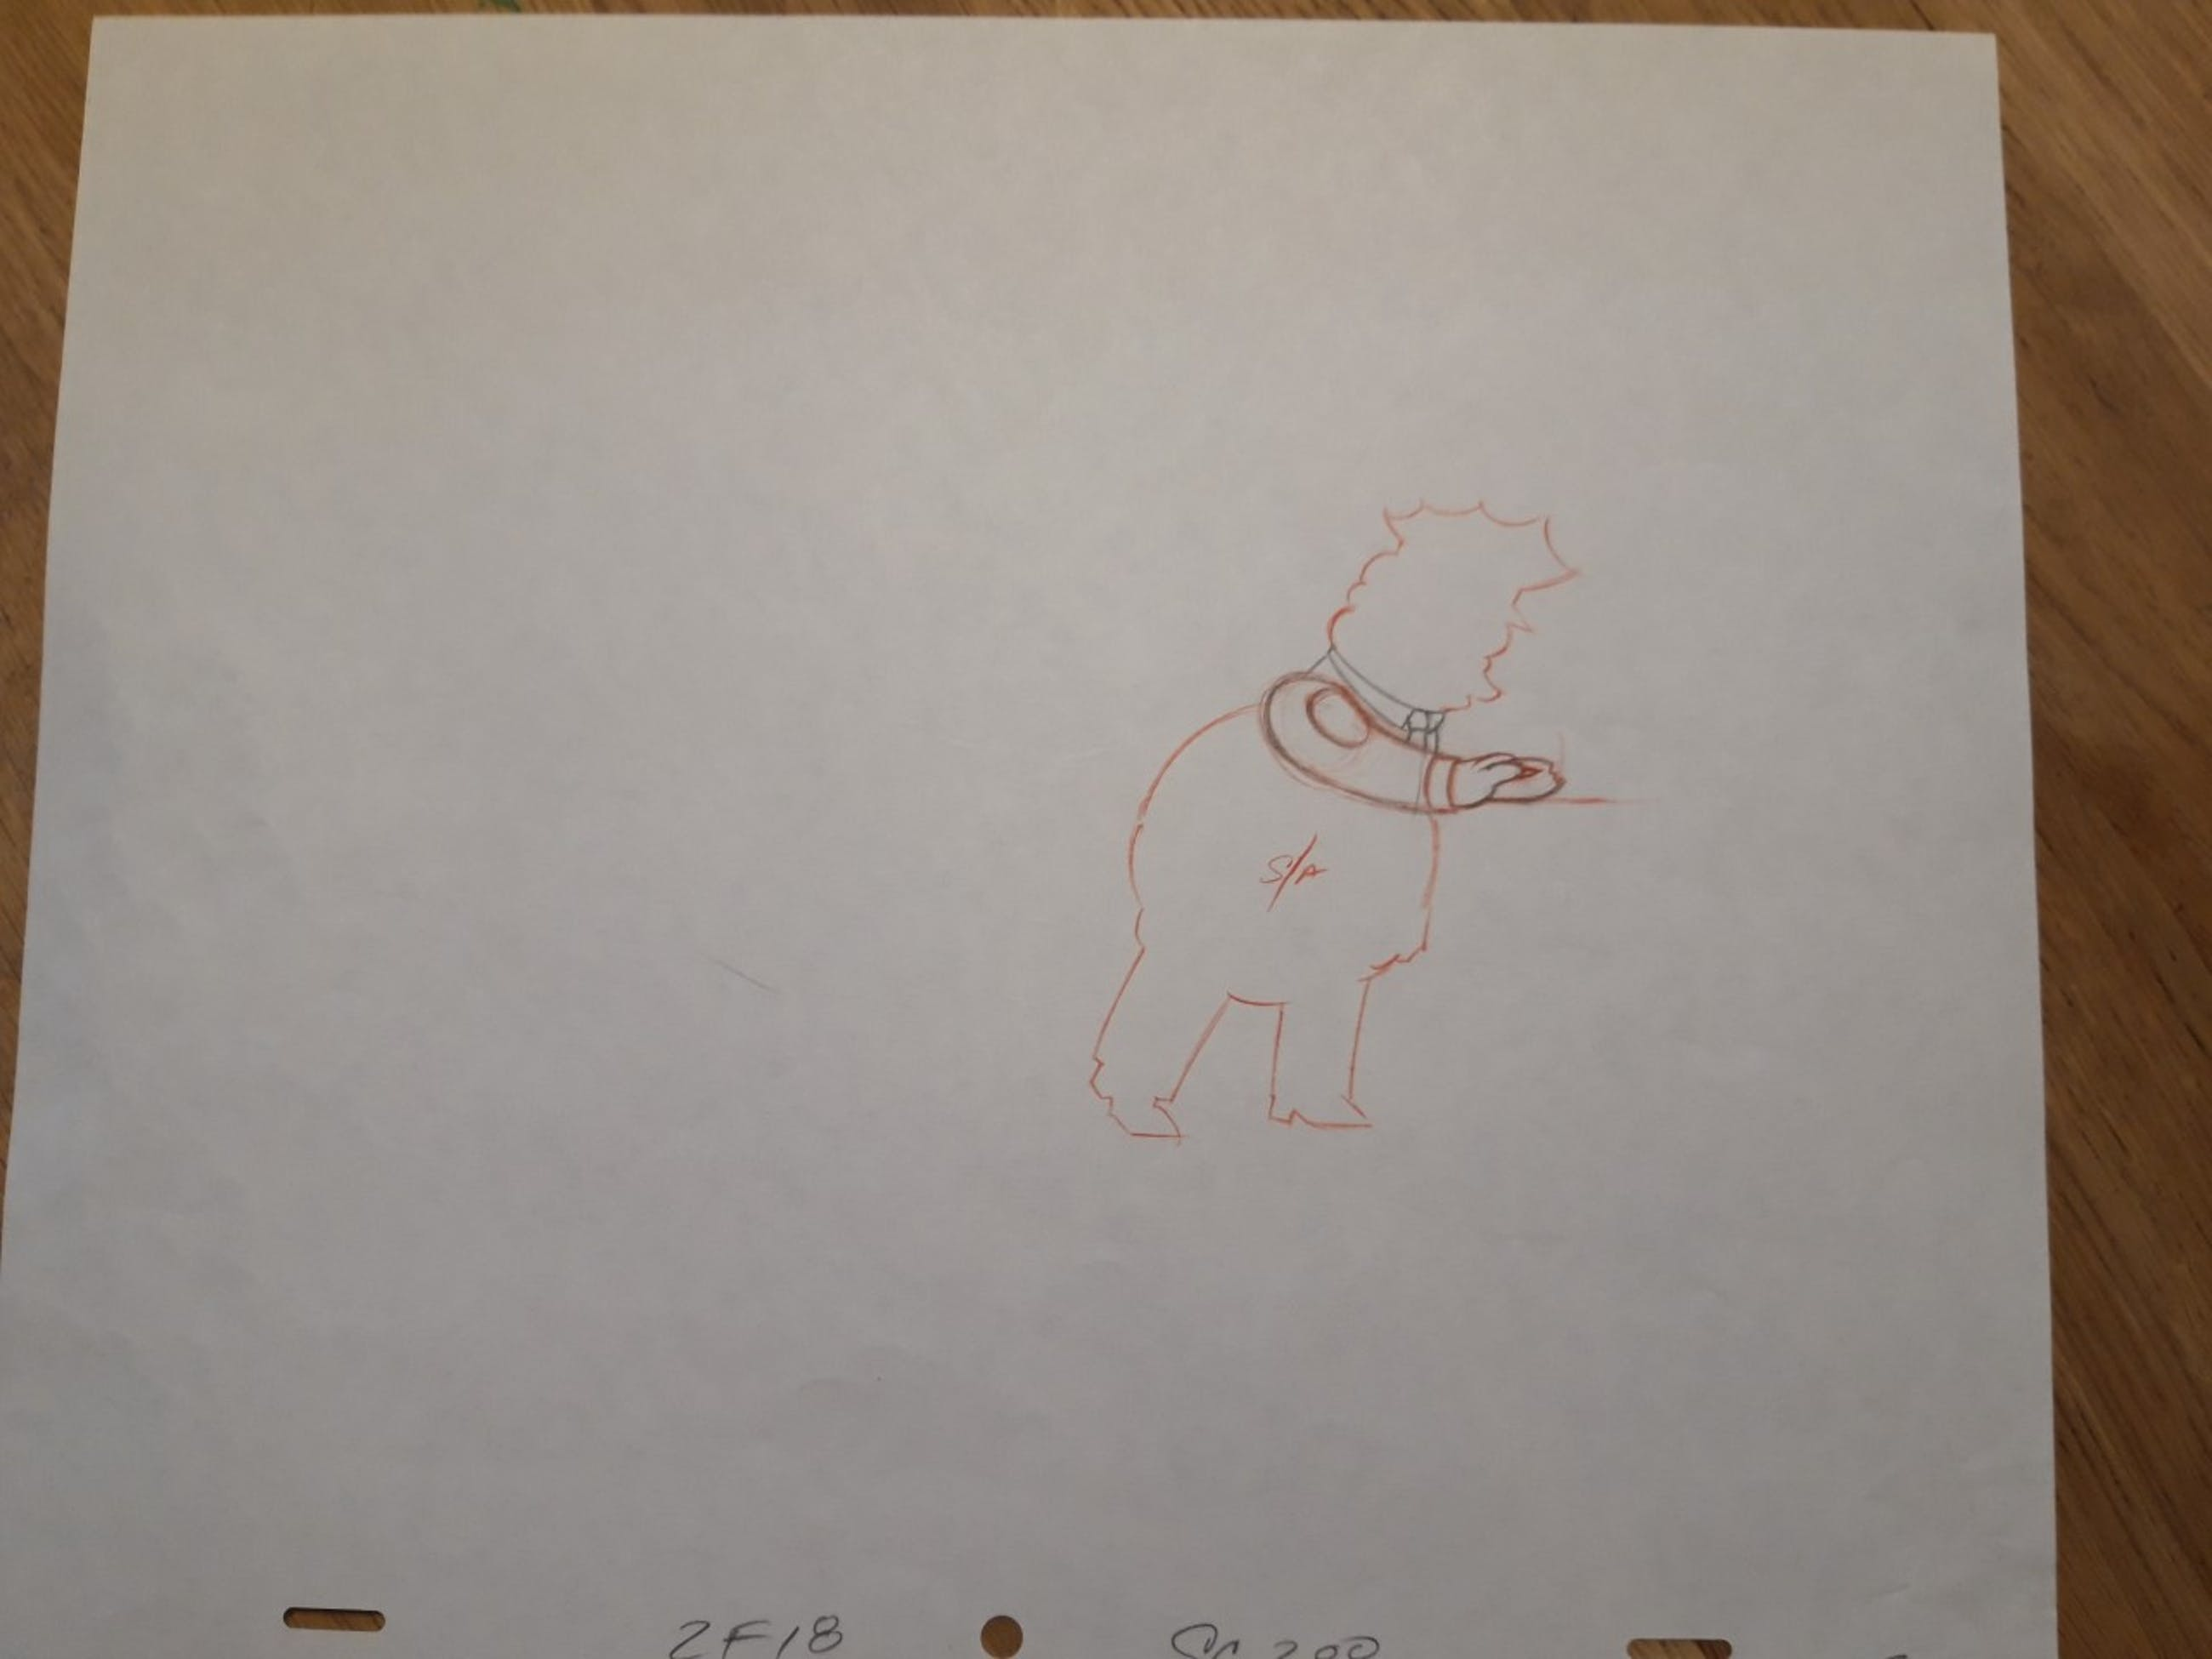 Matt Groening - lot van 2 originele productie tekeningen, The Simpsons, Chief Wiggum kopen? Bied vanaf 50!